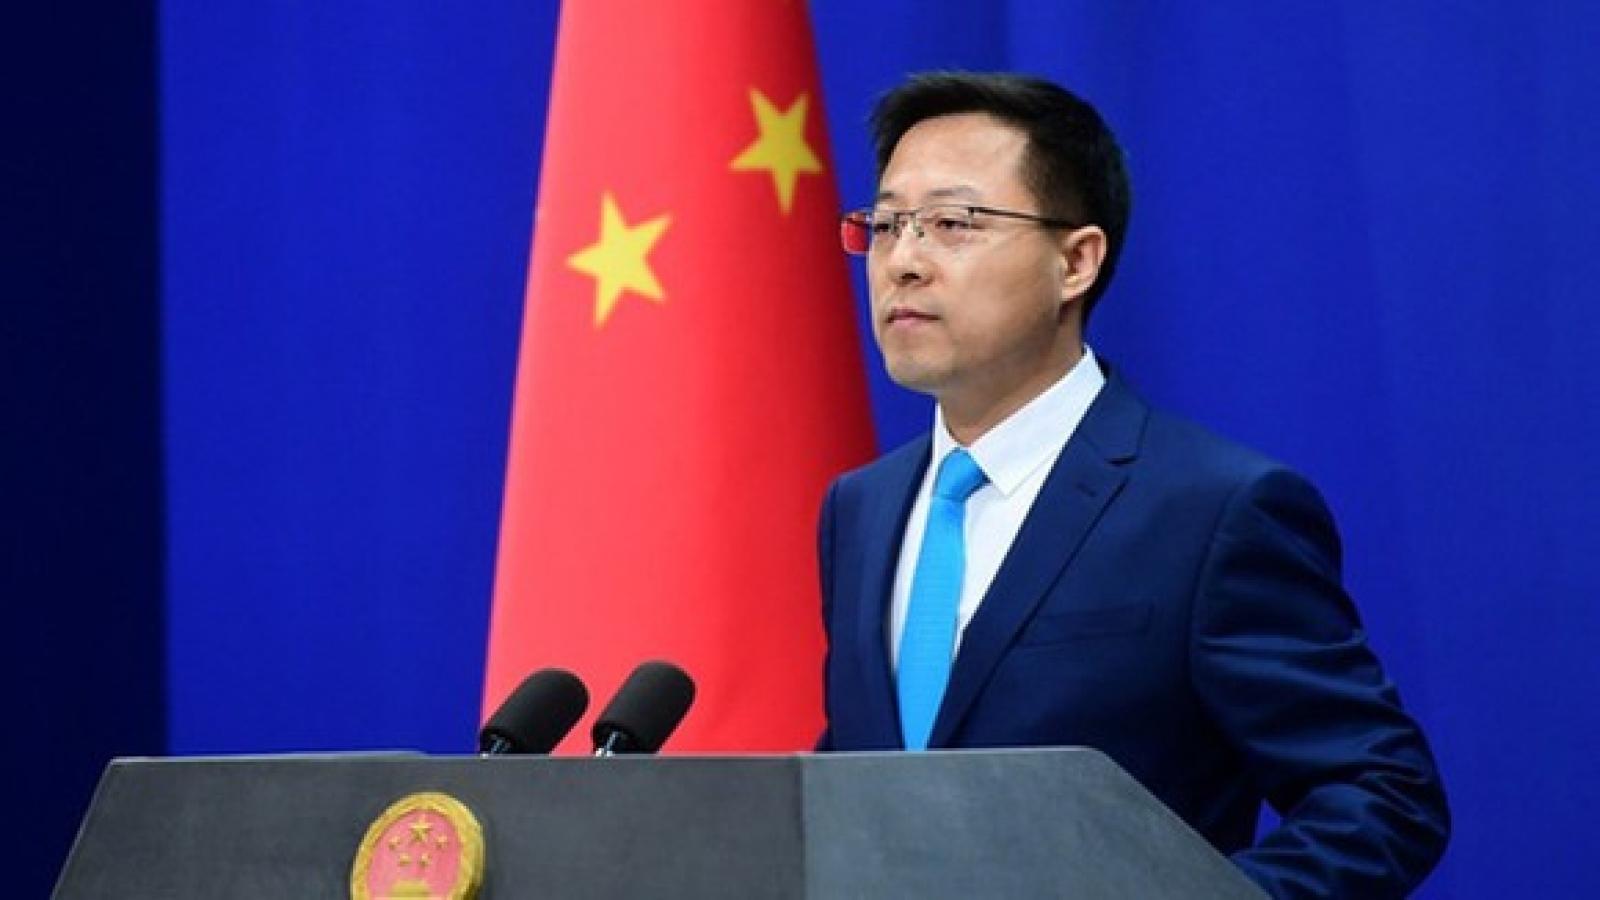 Trung Quốc yêu cầu Mỹ không phát đi thông điệp saivới thế lực đòi độc lập cho Đài Loan